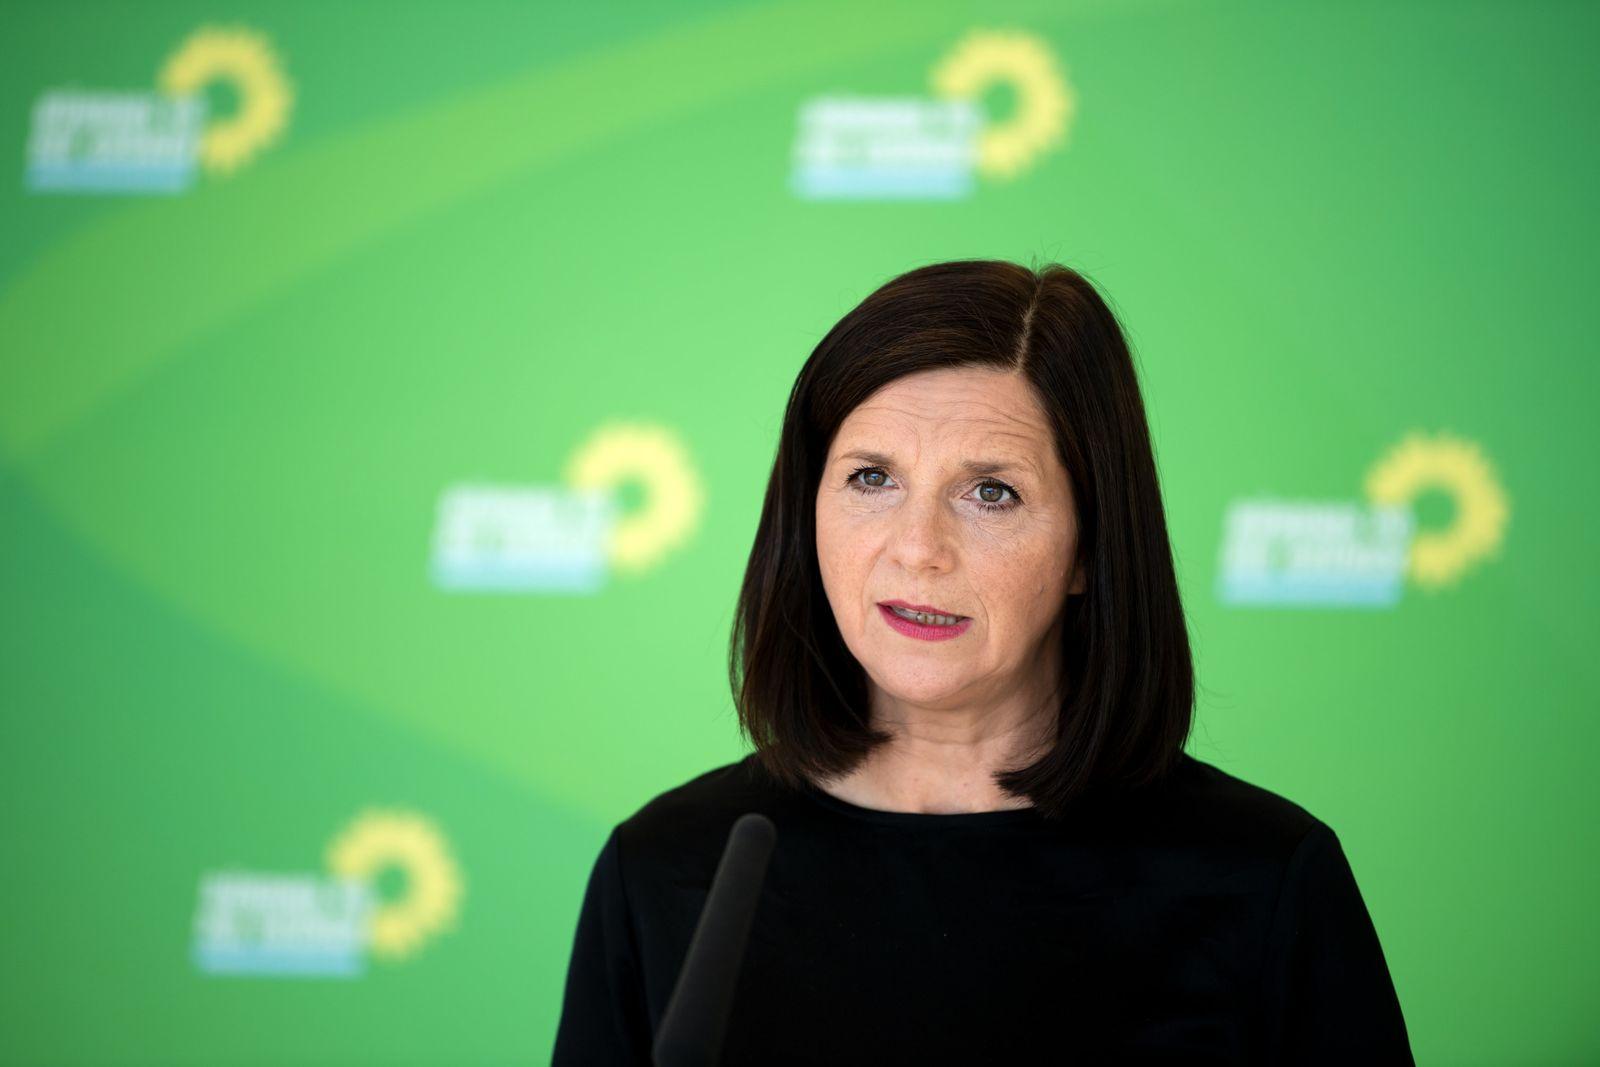 Fraktionssitzungen der Bundestagsparteien - Grüne